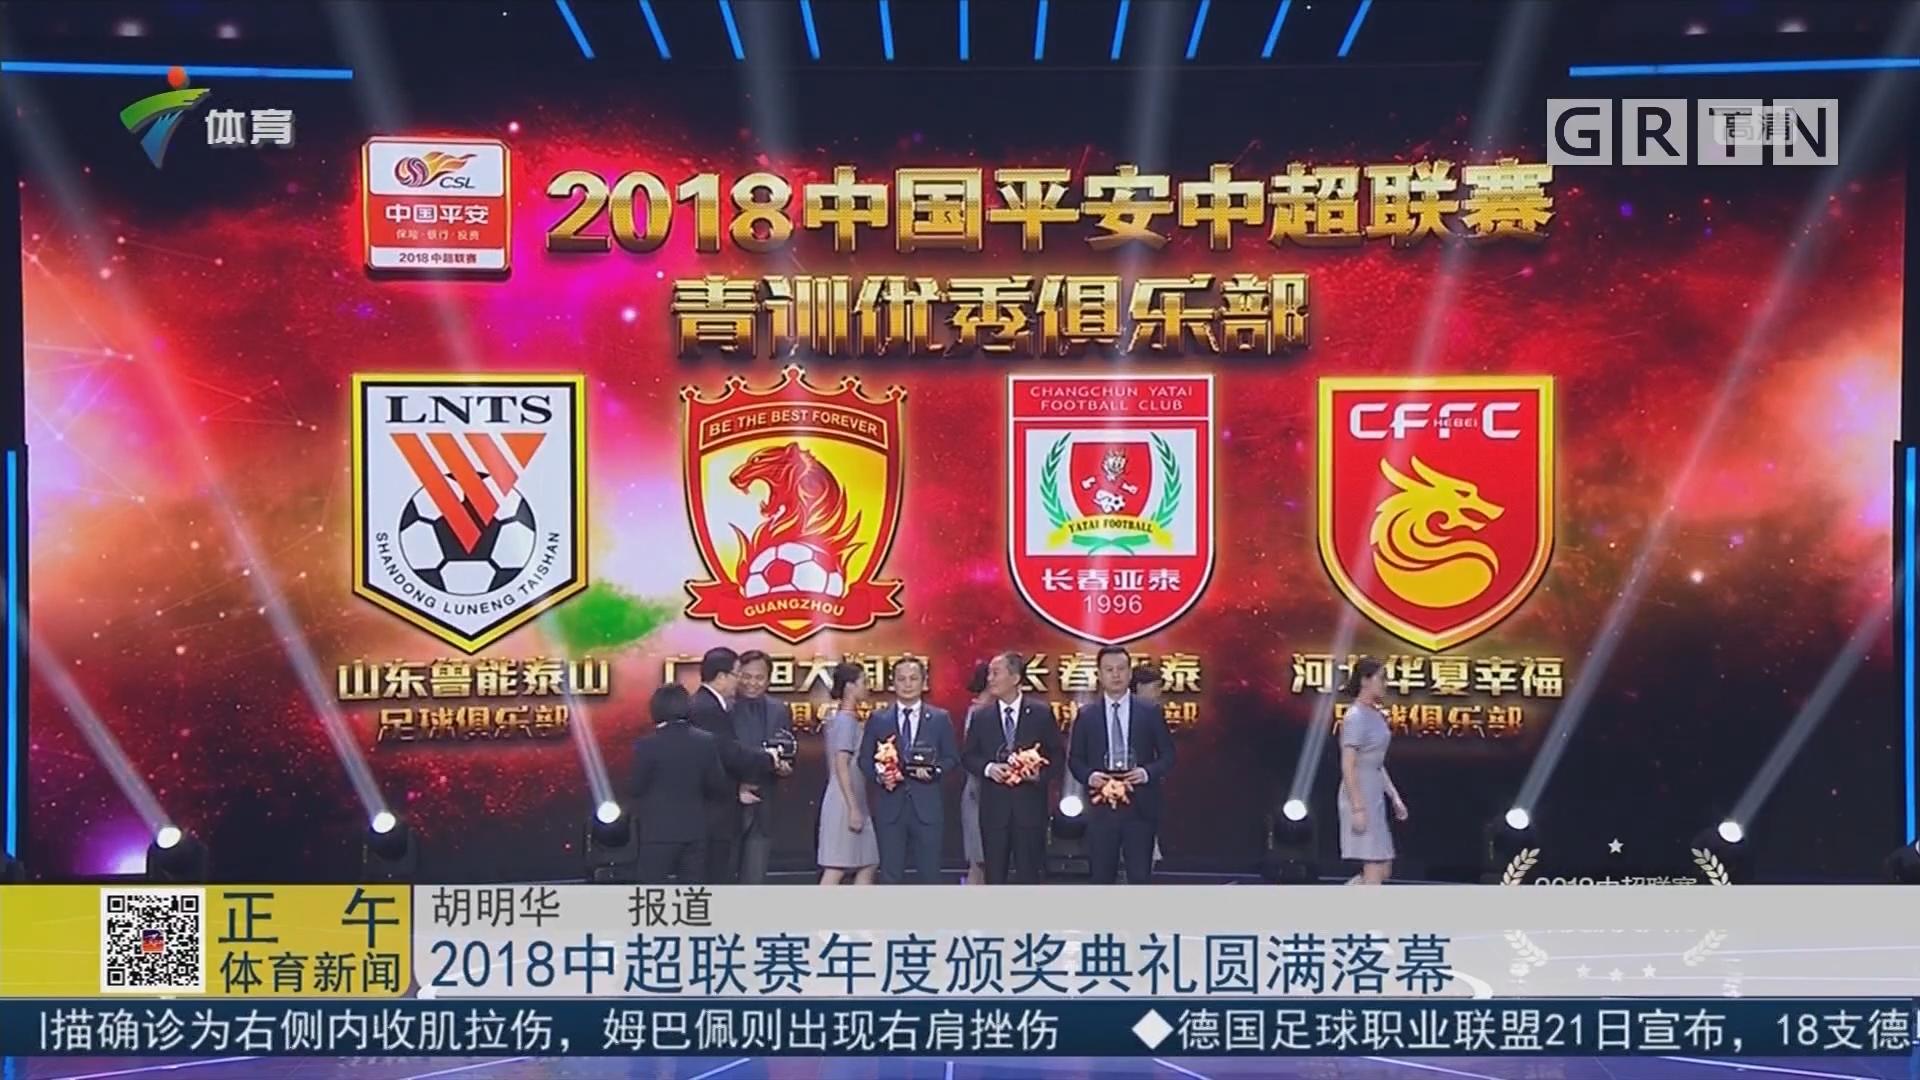 2018中超联赛年度颁奖典礼圆满闭幕